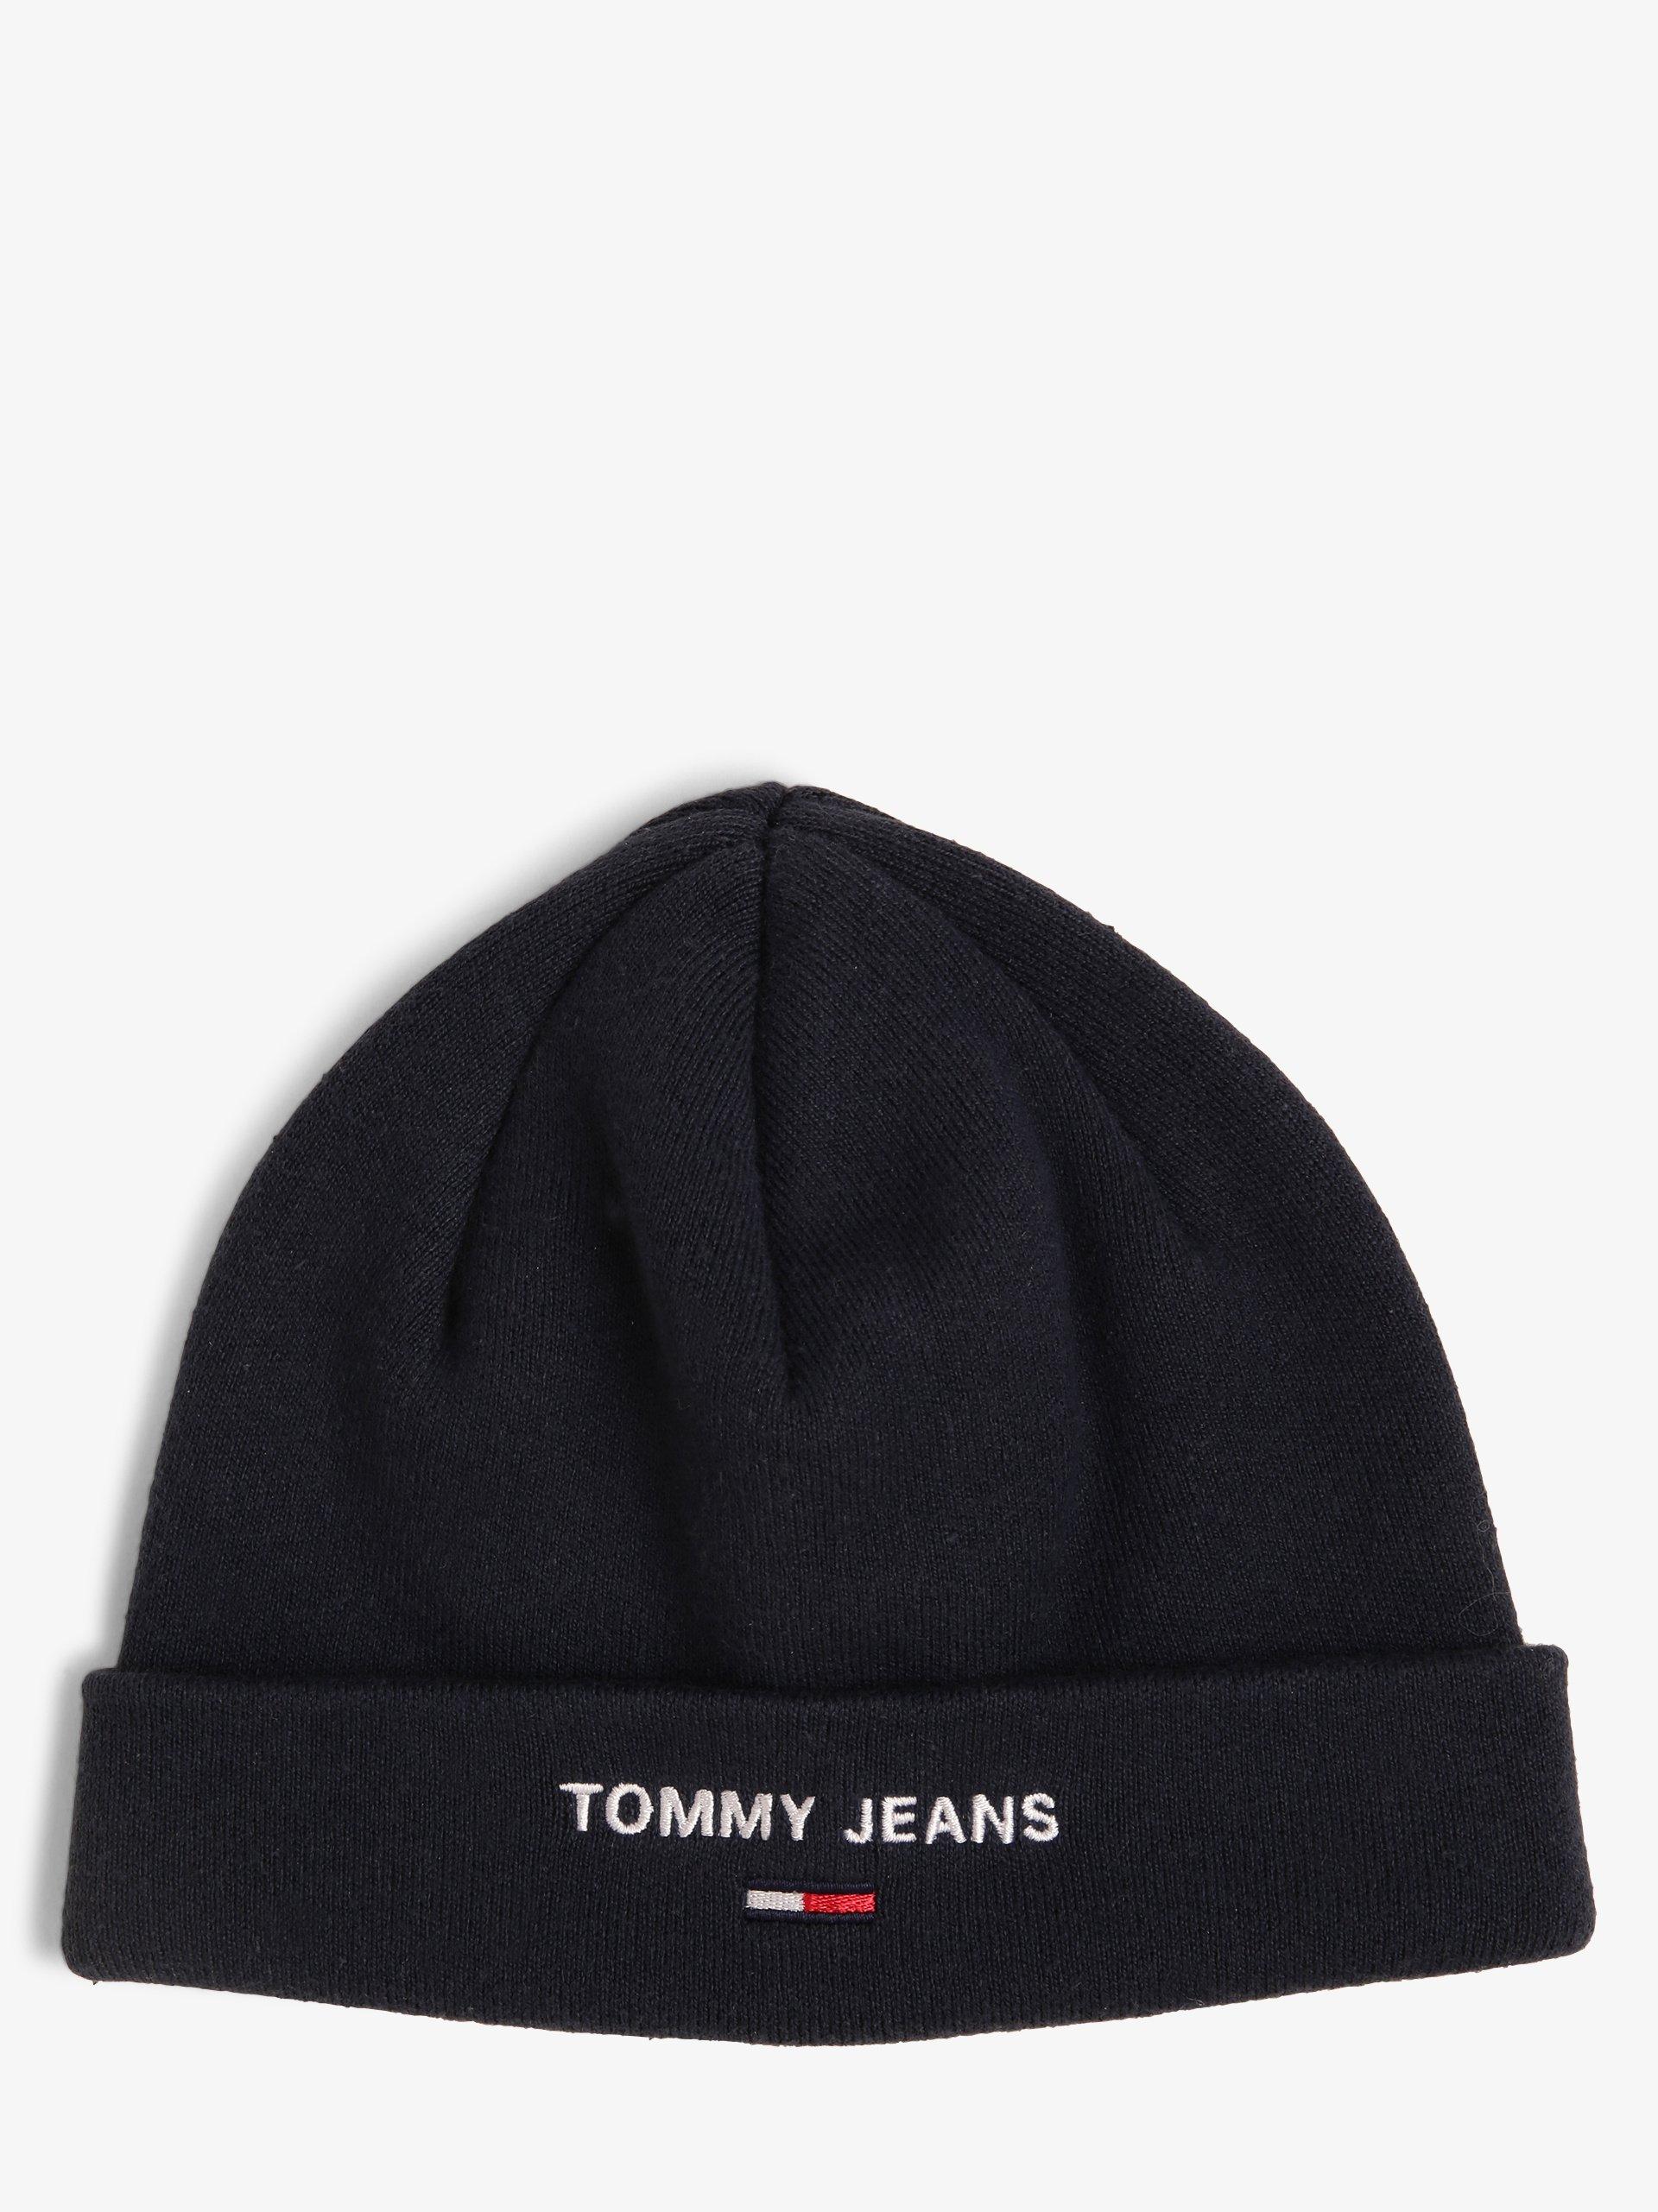 Tommy Jeans Herren Mütze